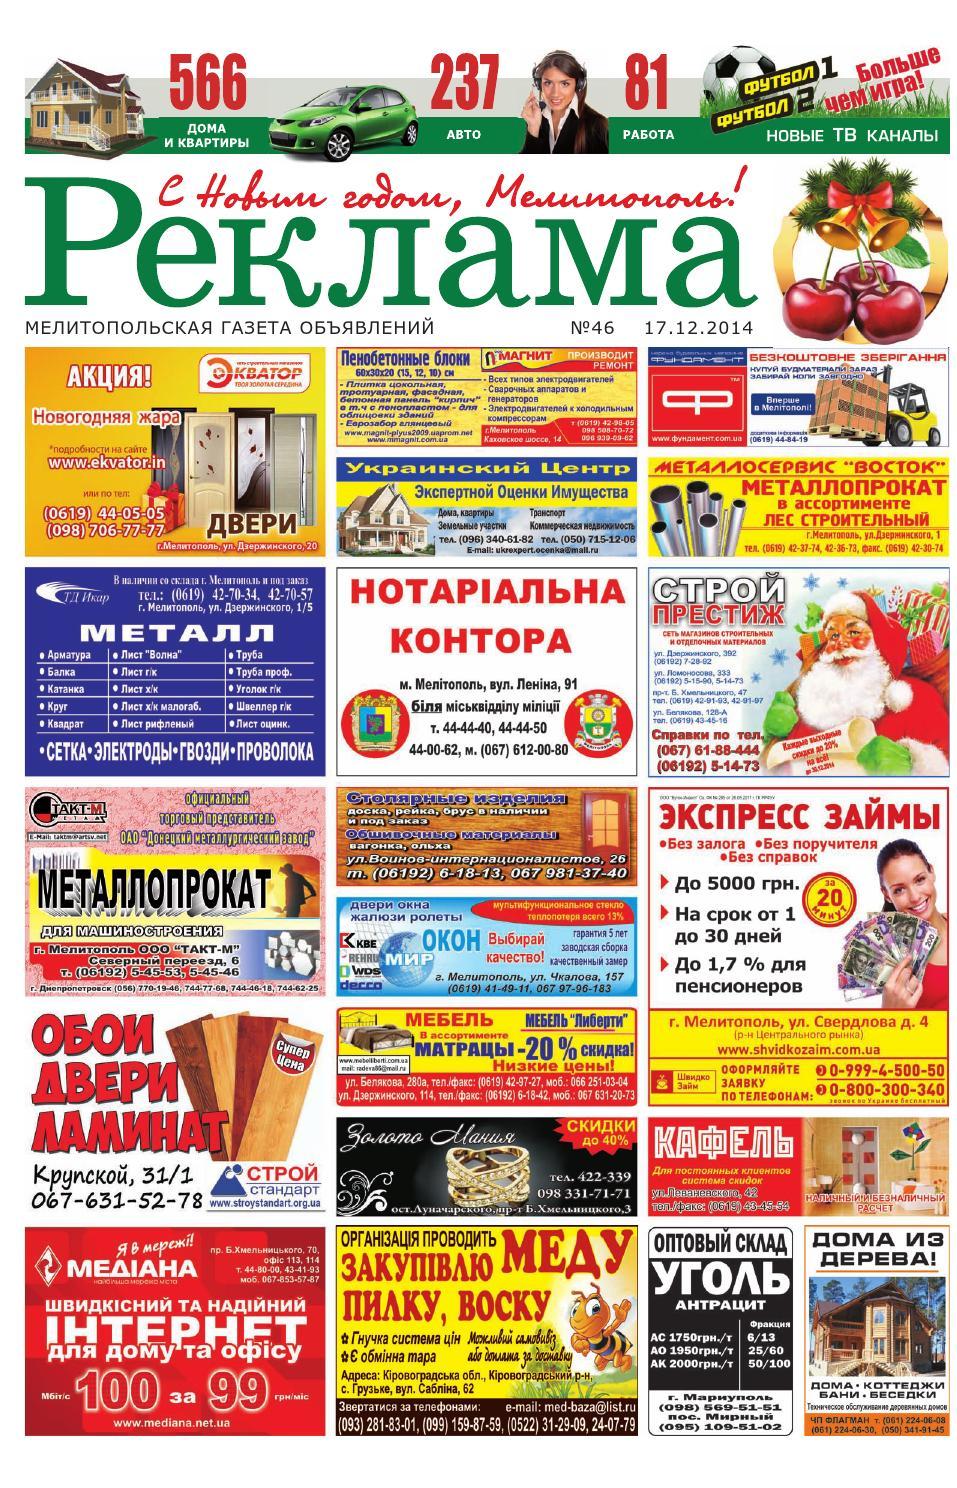 Резинки для фитнеса 5 шт. купить в Каспийском